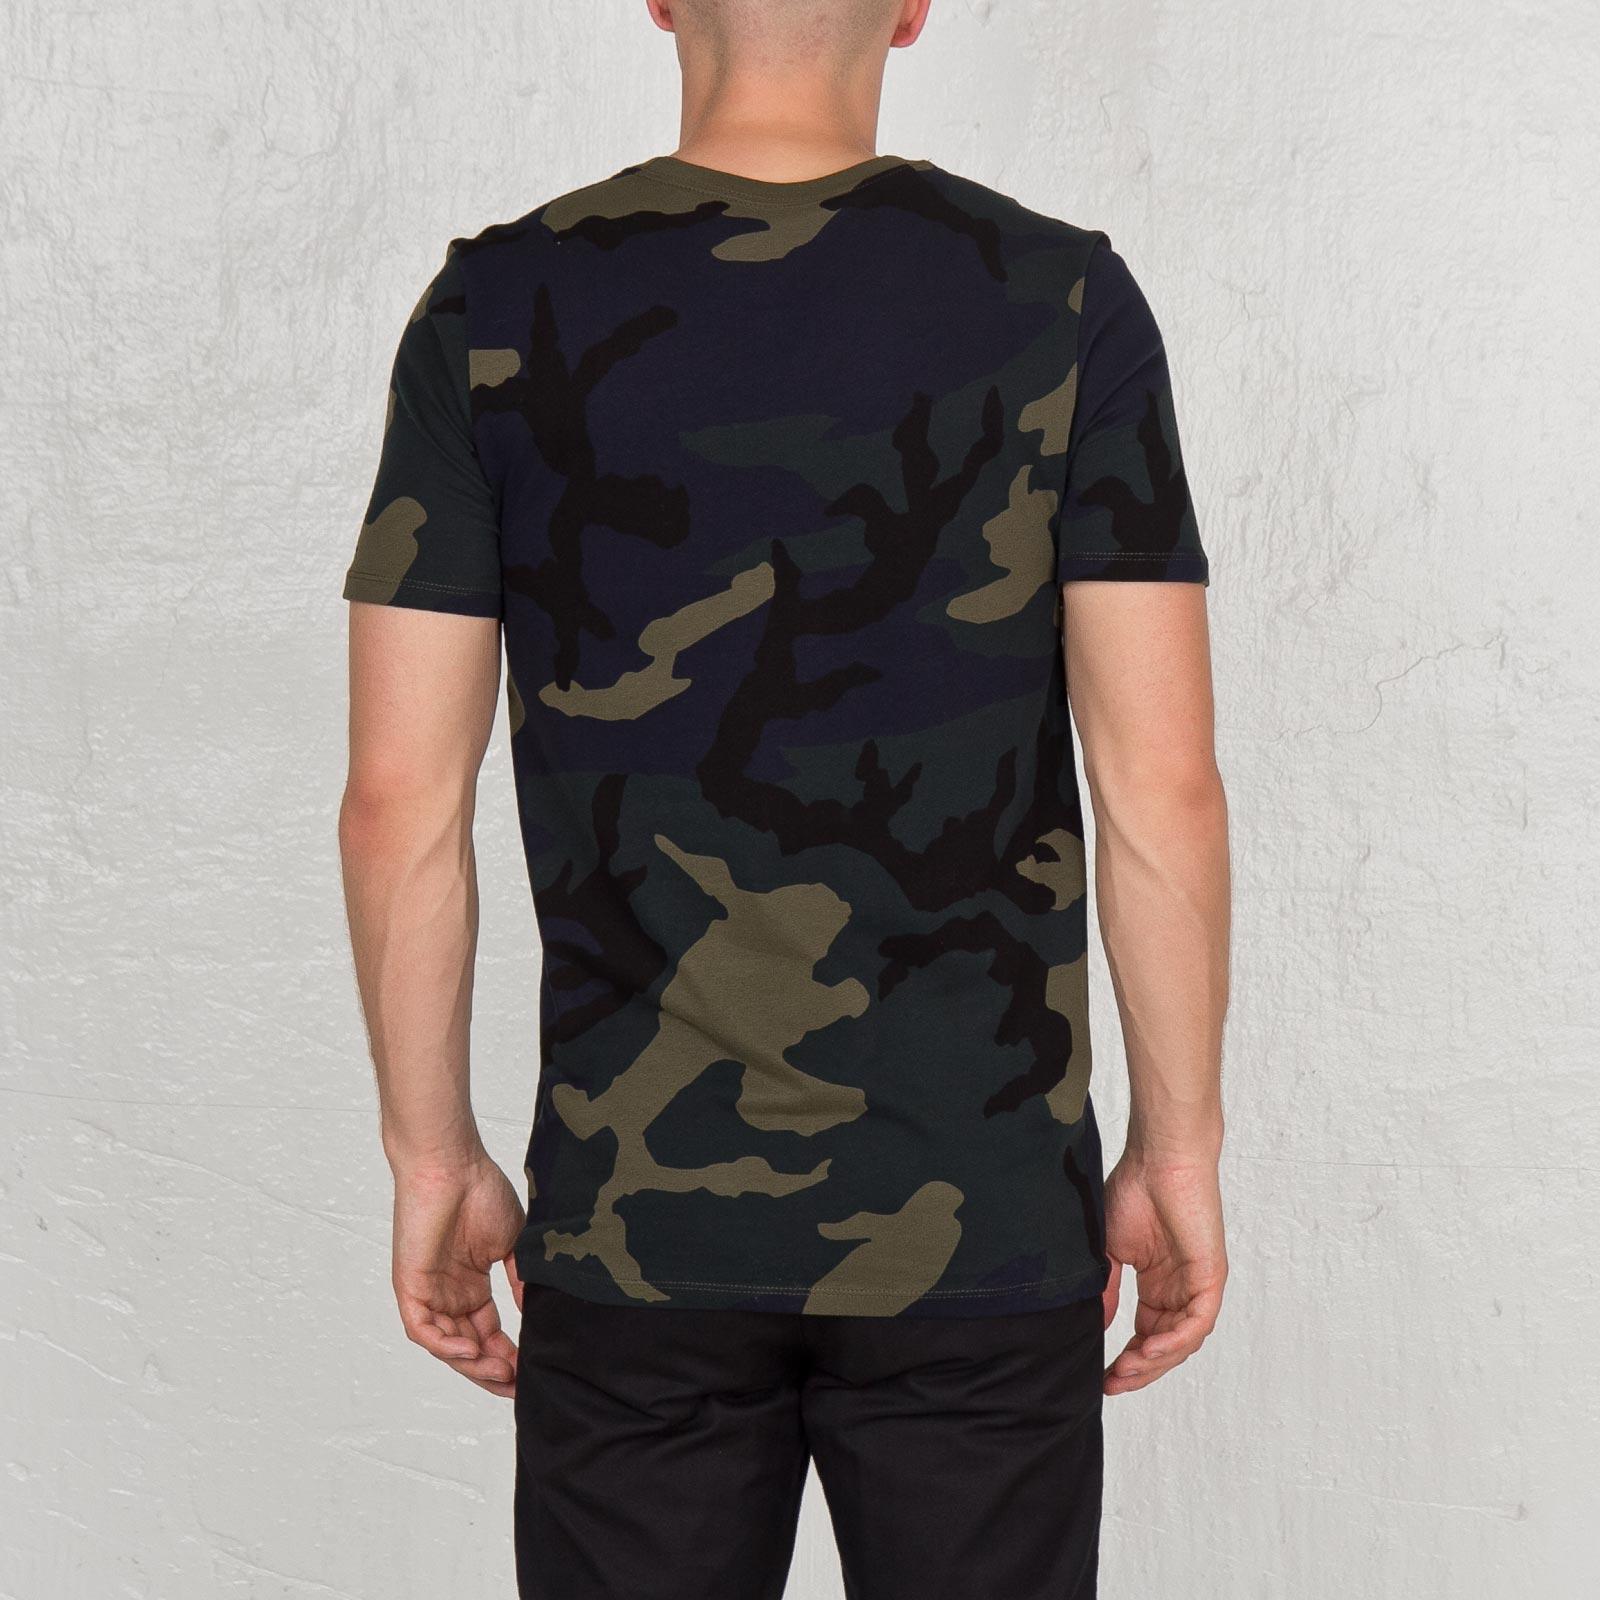 e88ffe46 Nike Tee Camo - Futura - 685391-325 - Sneakersnstuff | sneakers &  streetwear online since 1999